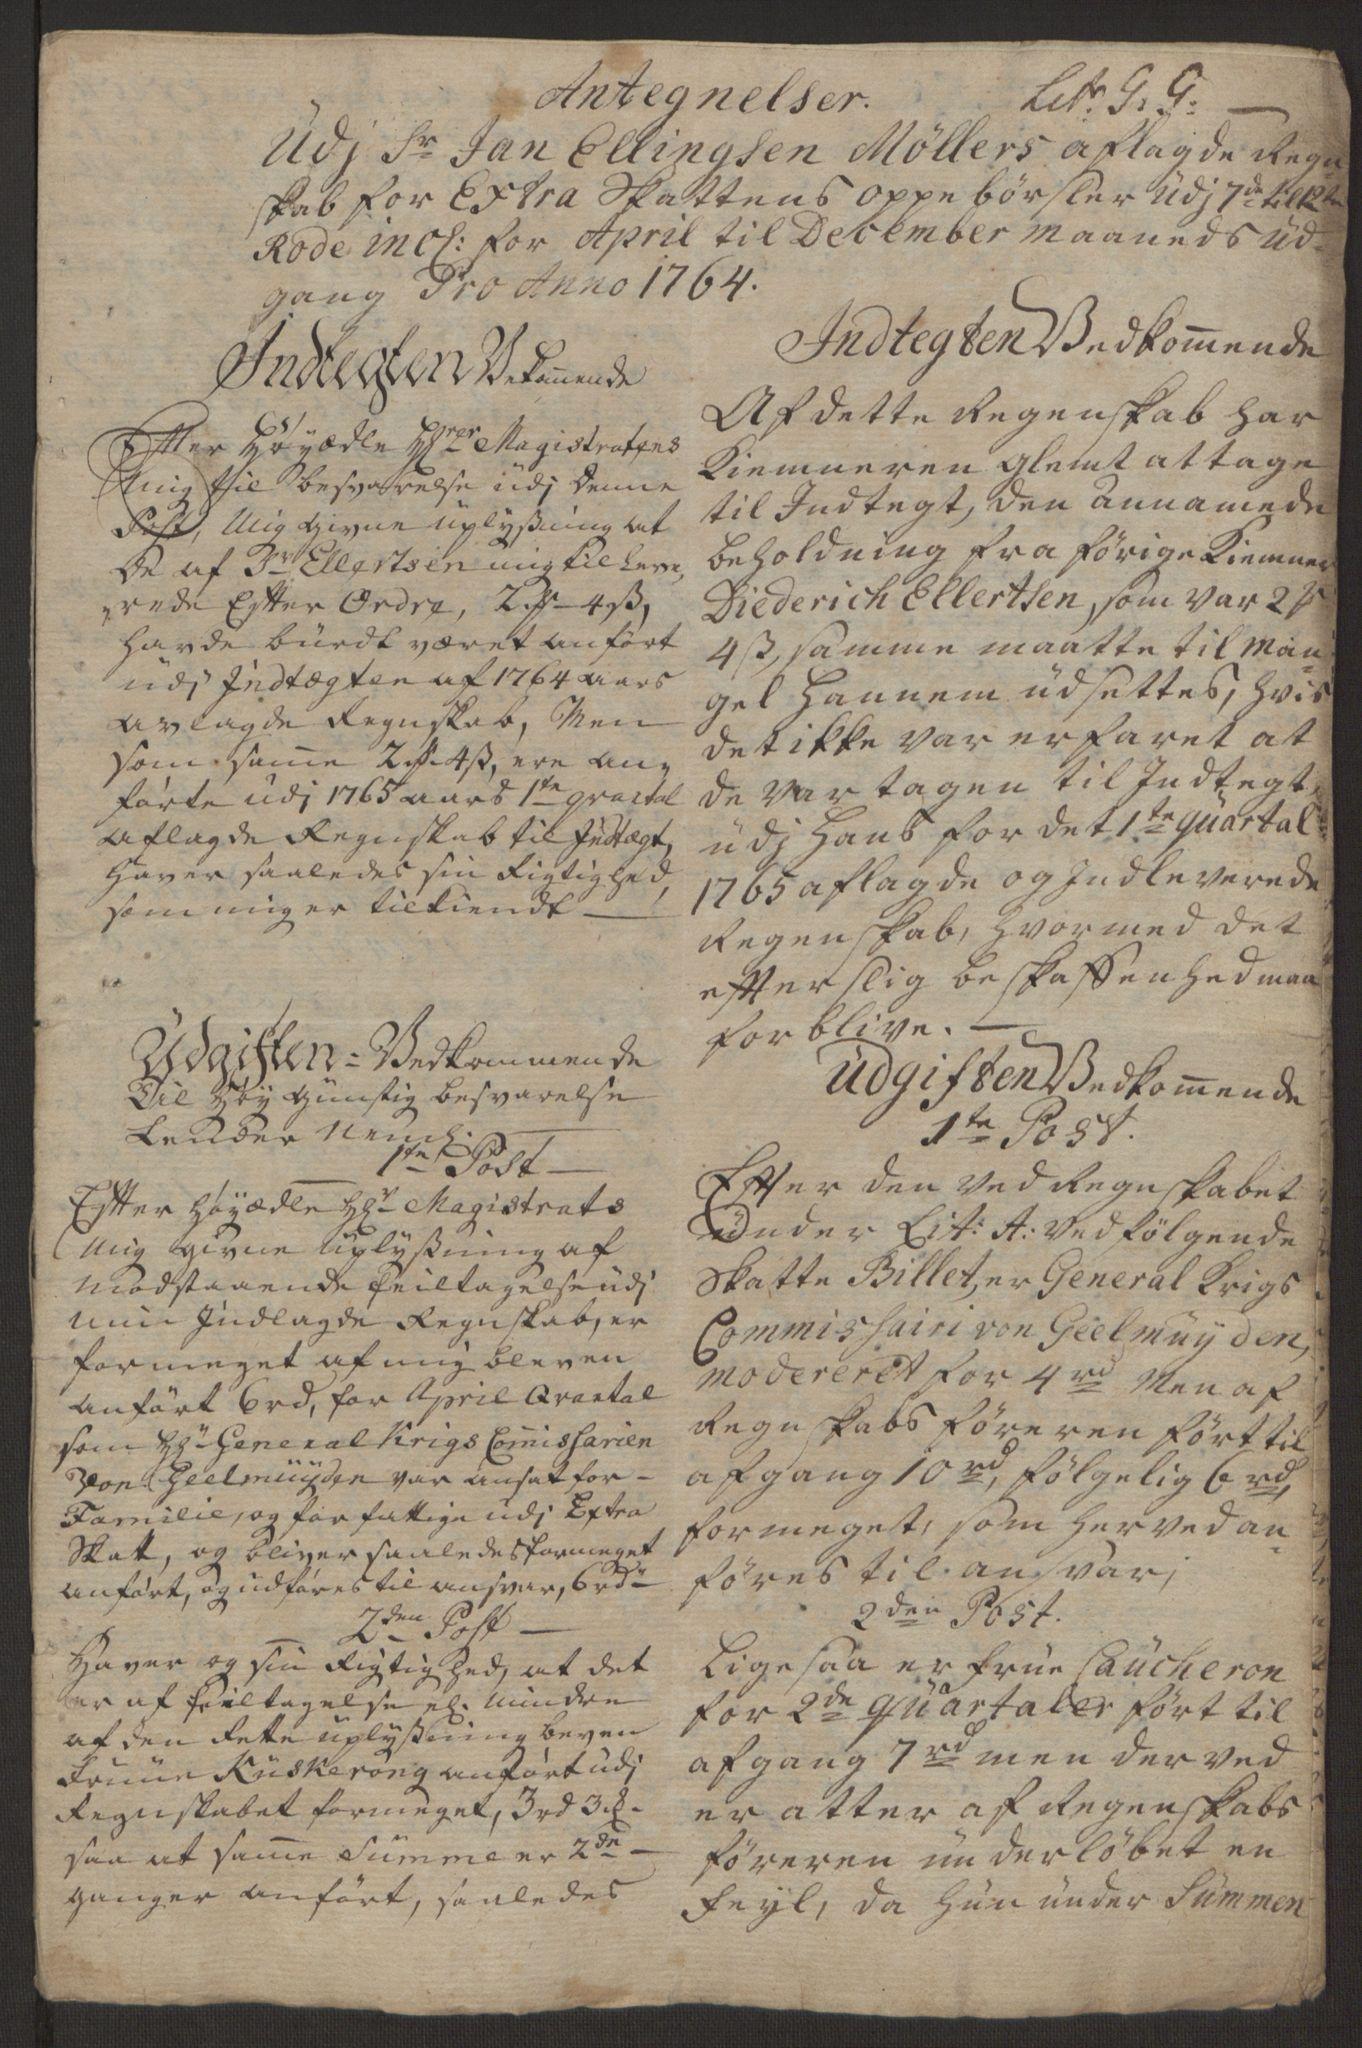 RA, Rentekammeret inntil 1814, Reviderte regnskaper, Byregnskaper, R/Rp/L0367: [P21] Kontribusjonsregnskap, 1764, s. 233